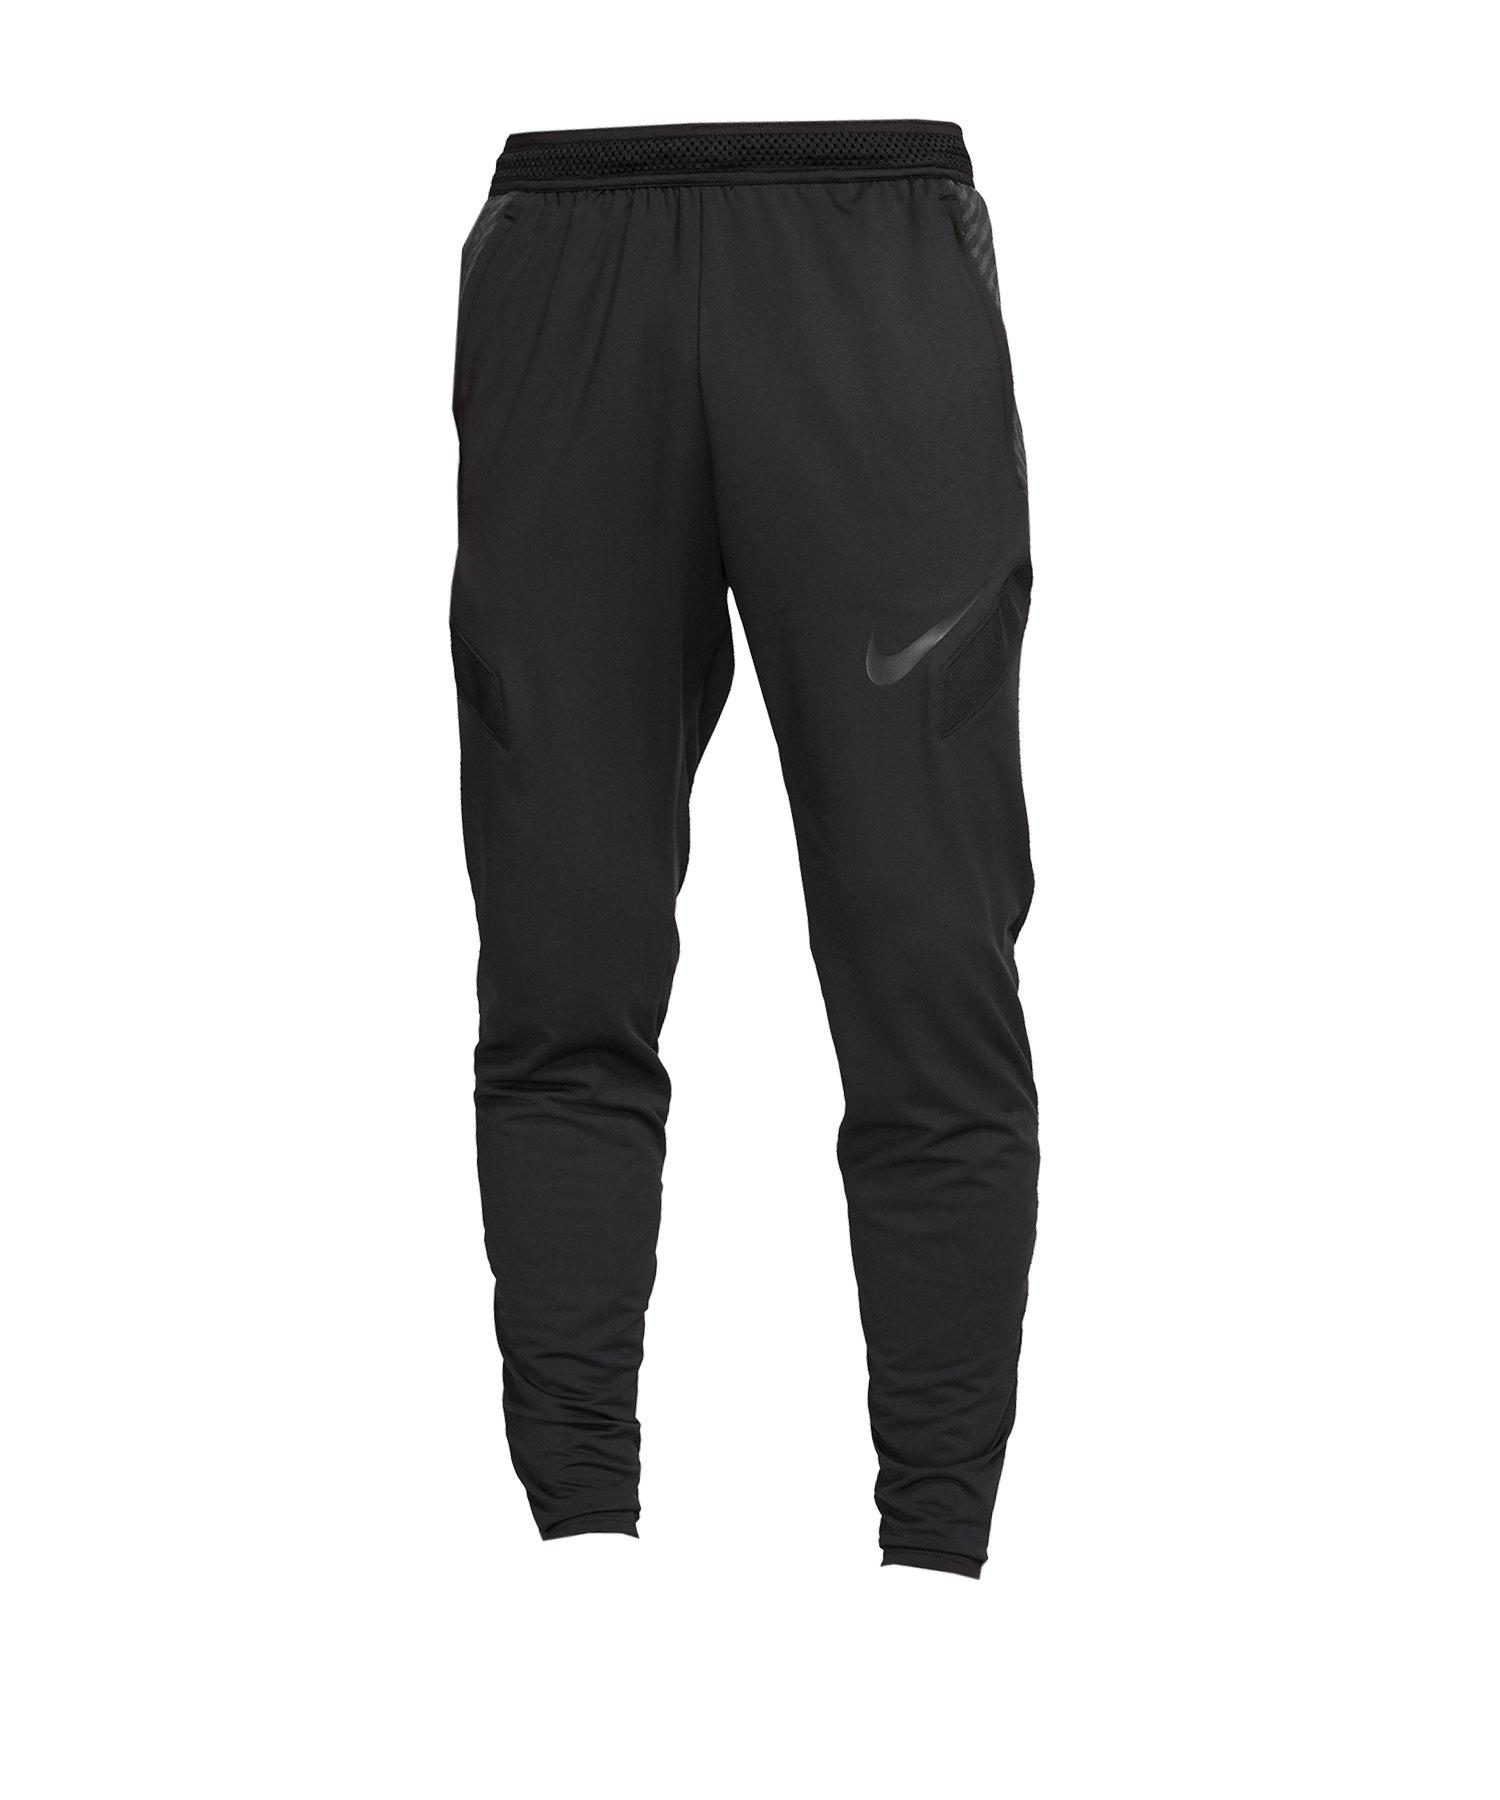 Nike Strike Trainingshose Schwarz F010 - schwarz